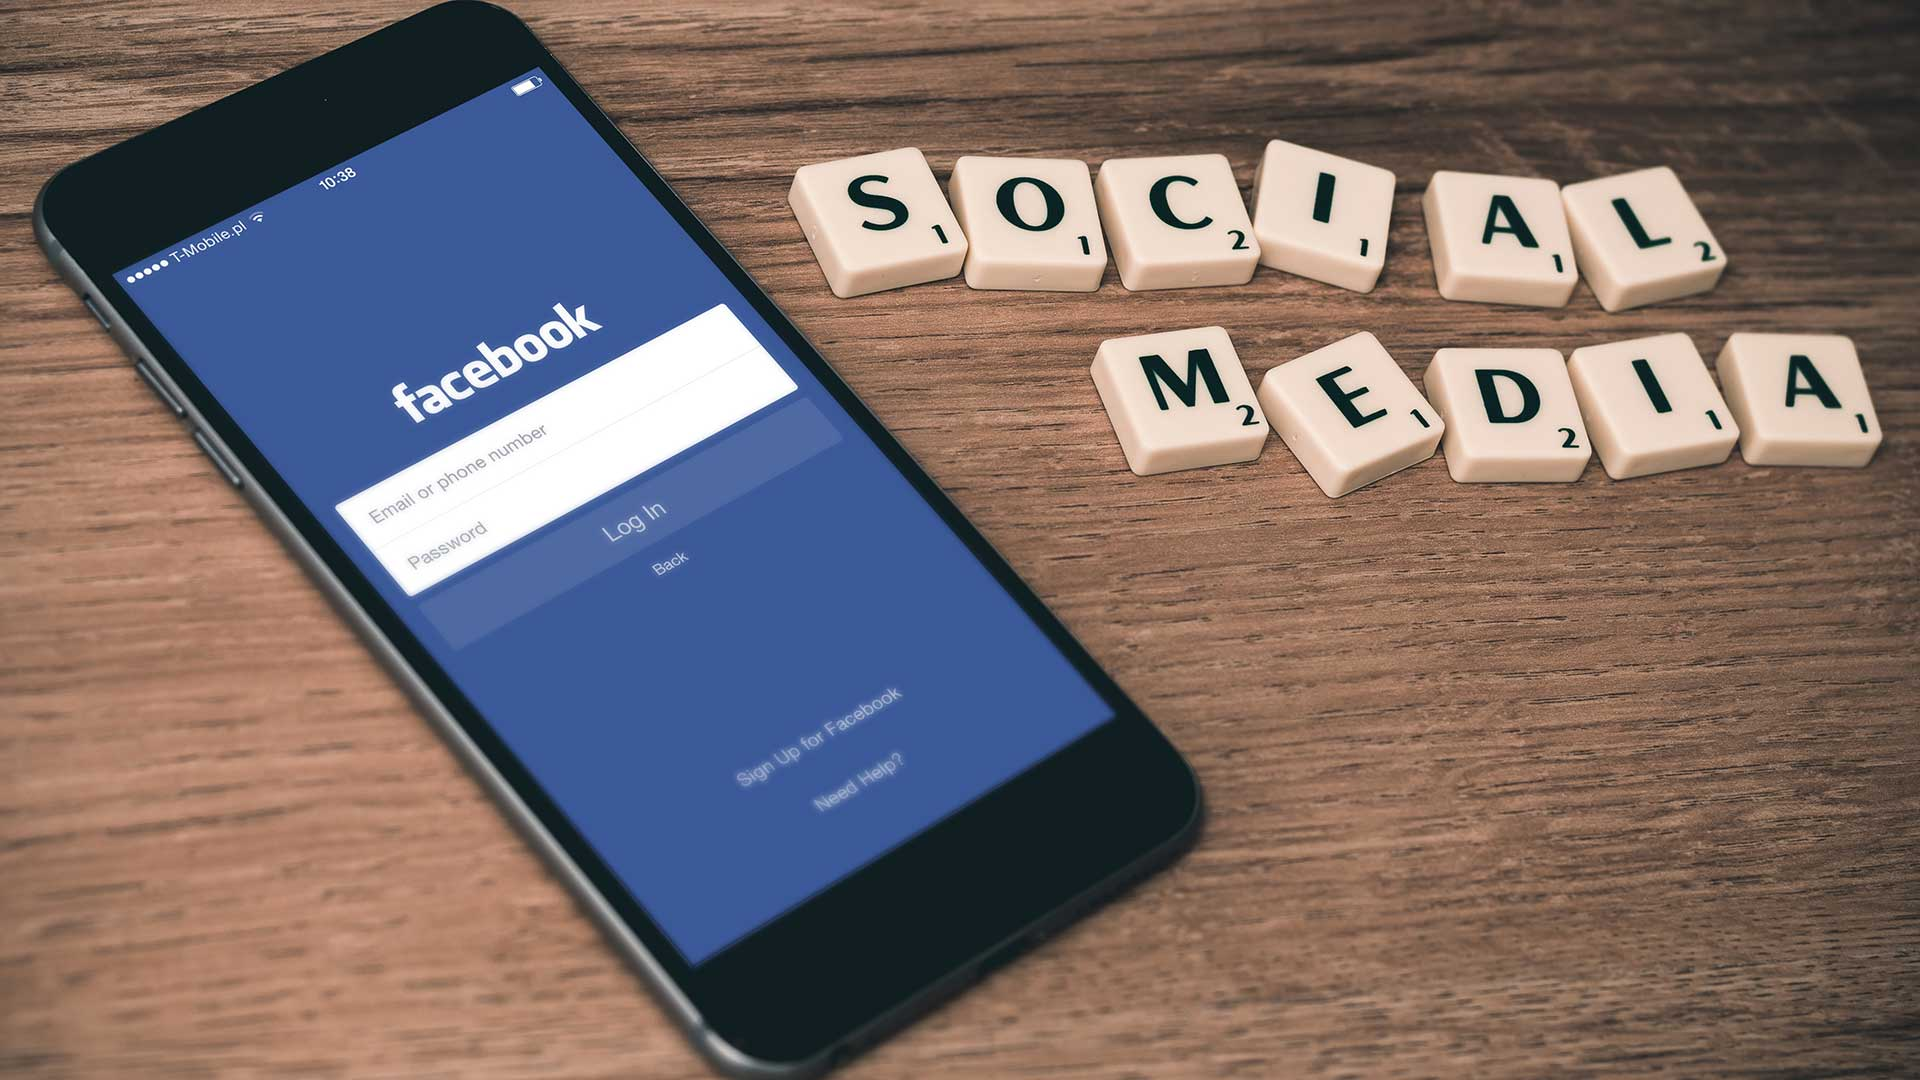 Social Media Facebook Mobile Ticmatic desarrollo web marketing online en Vitoria Gasteiz